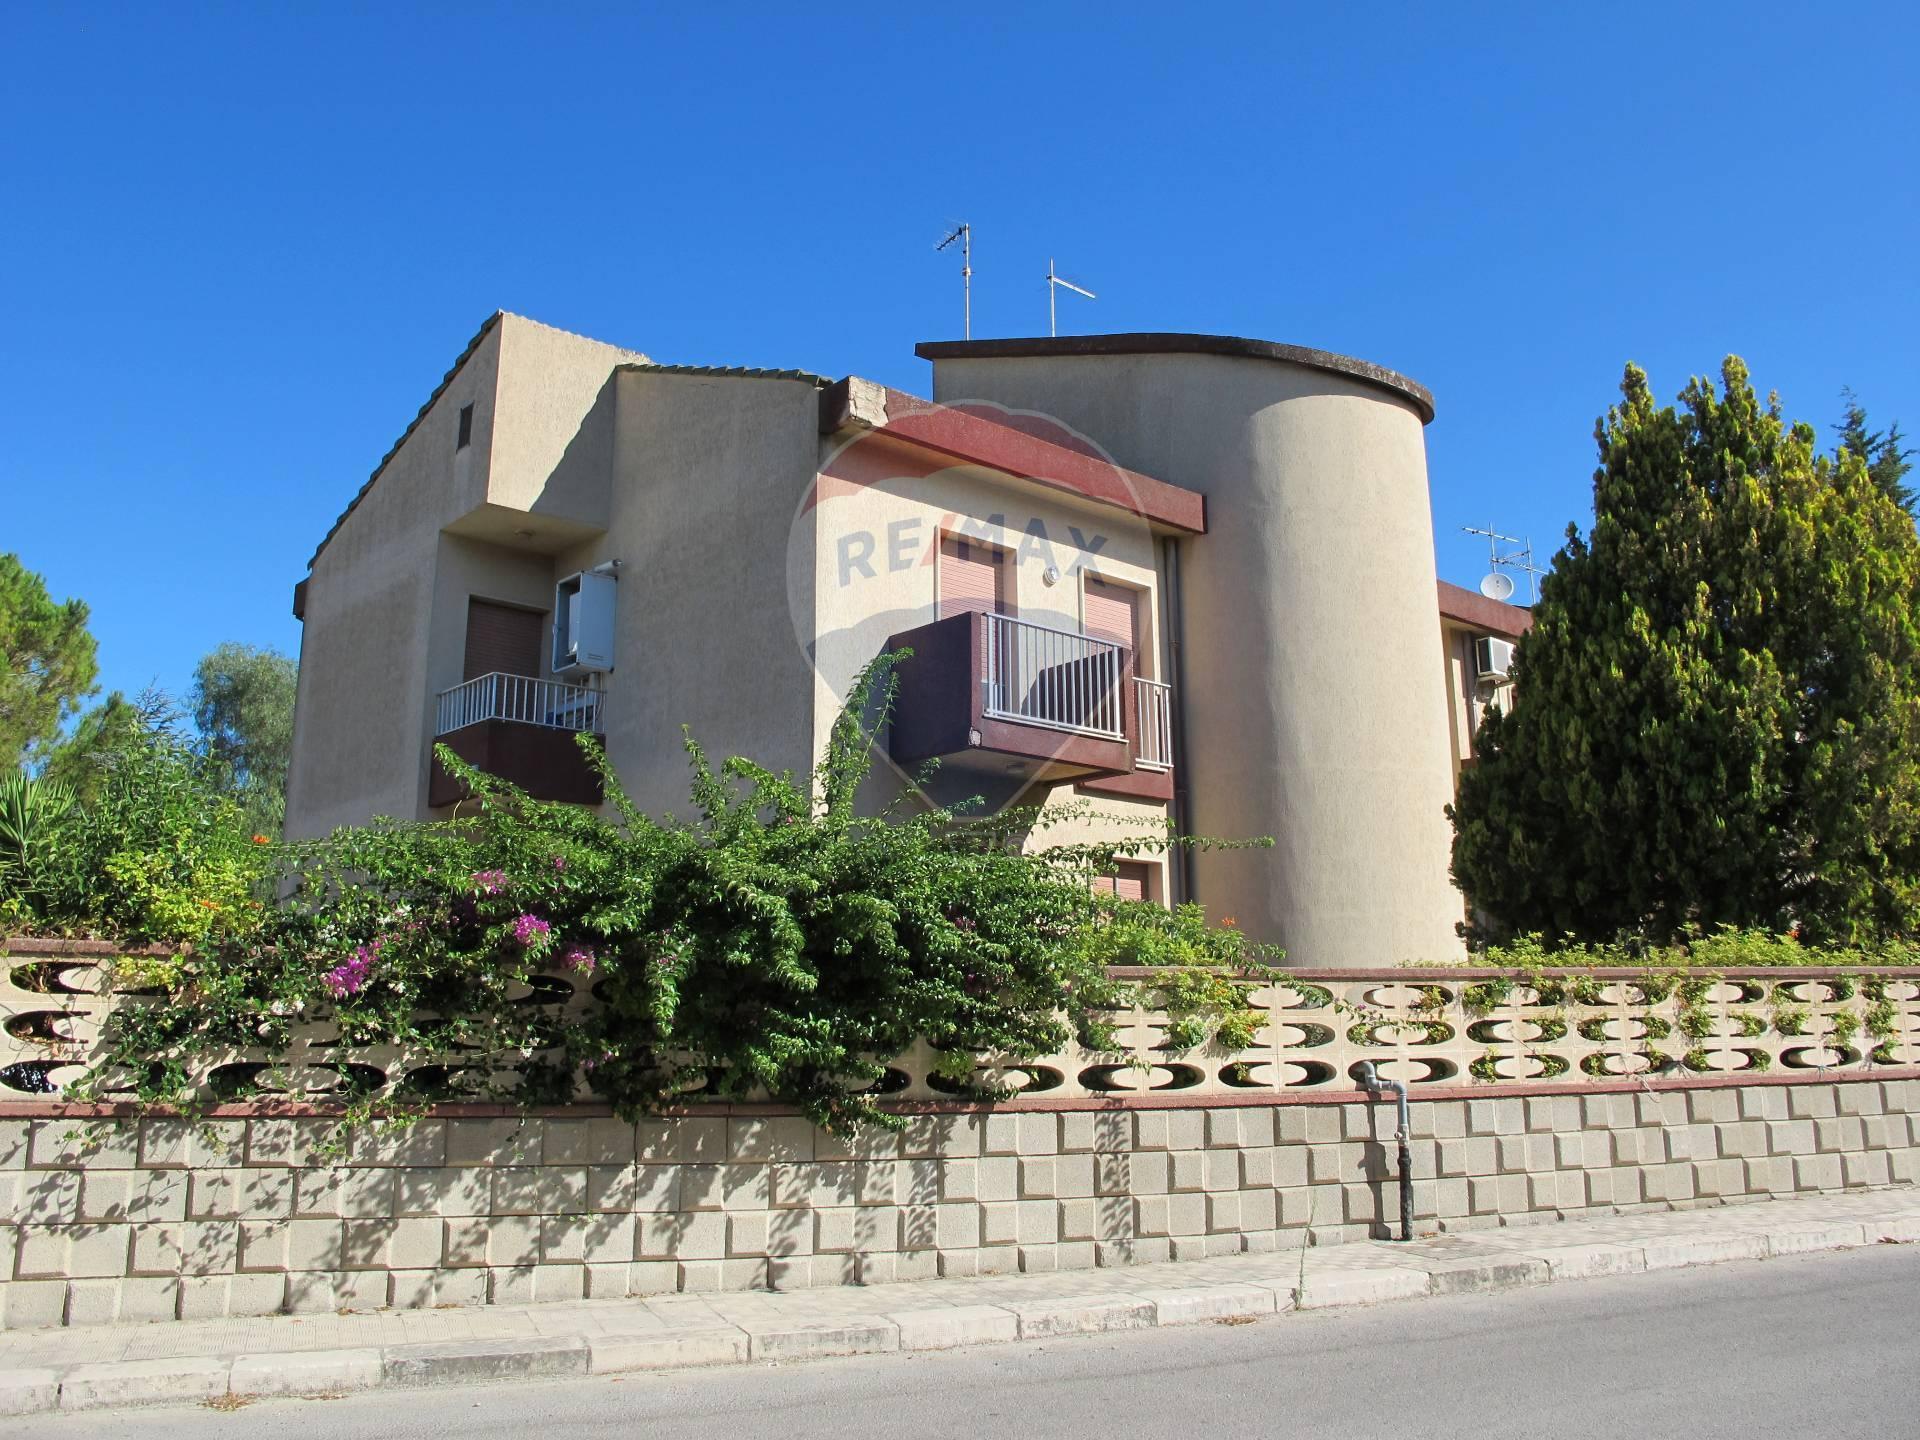 Appartamento in vendita a Comiso, 6 locali, prezzo € 110.000 | CambioCasa.it